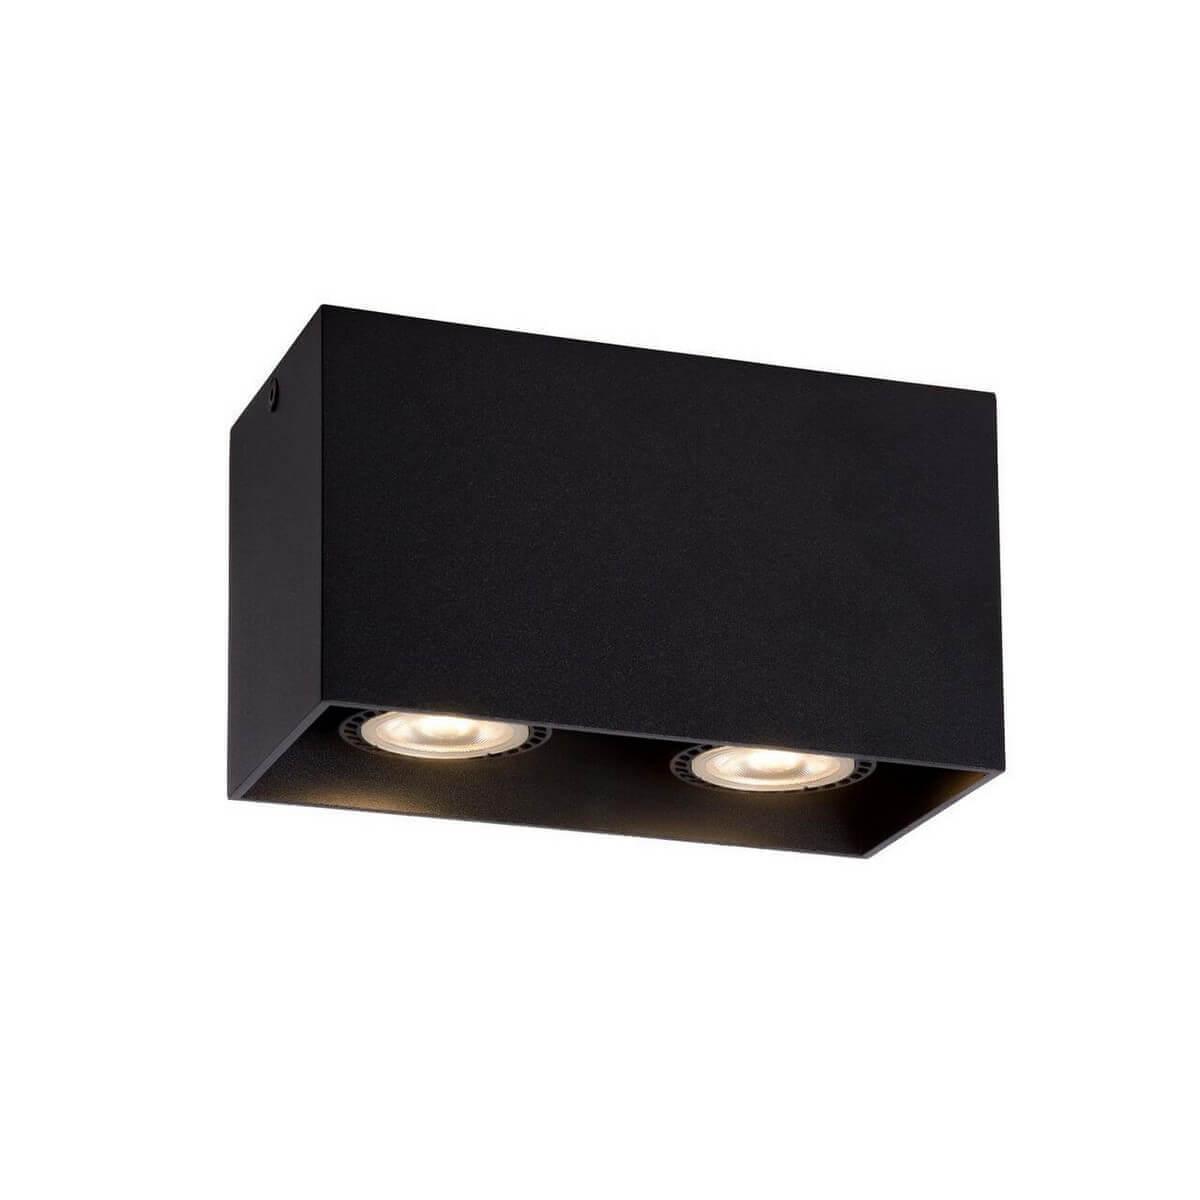 Потолочный светильник Lucide Bodi 09101/02/30 цена